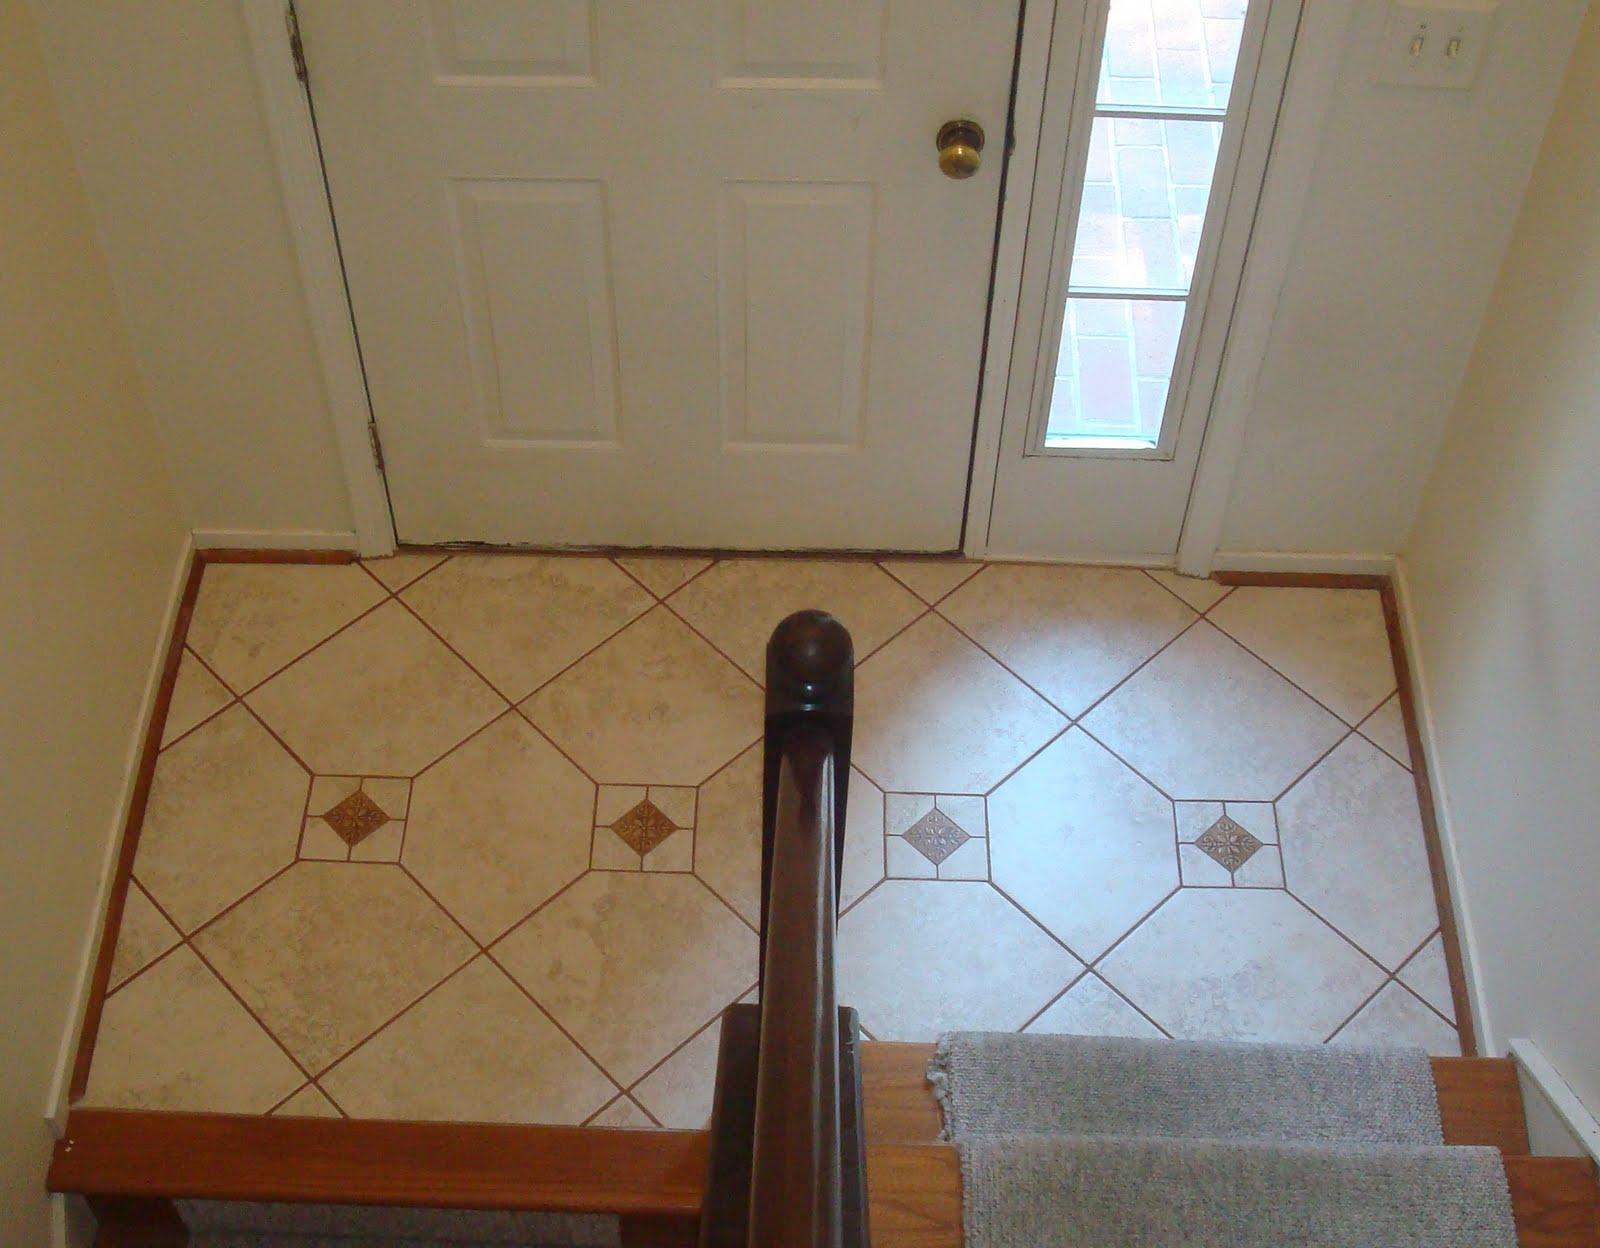 Foyer Porcelain Floor Tile : Straight edge tile porcelain foyer